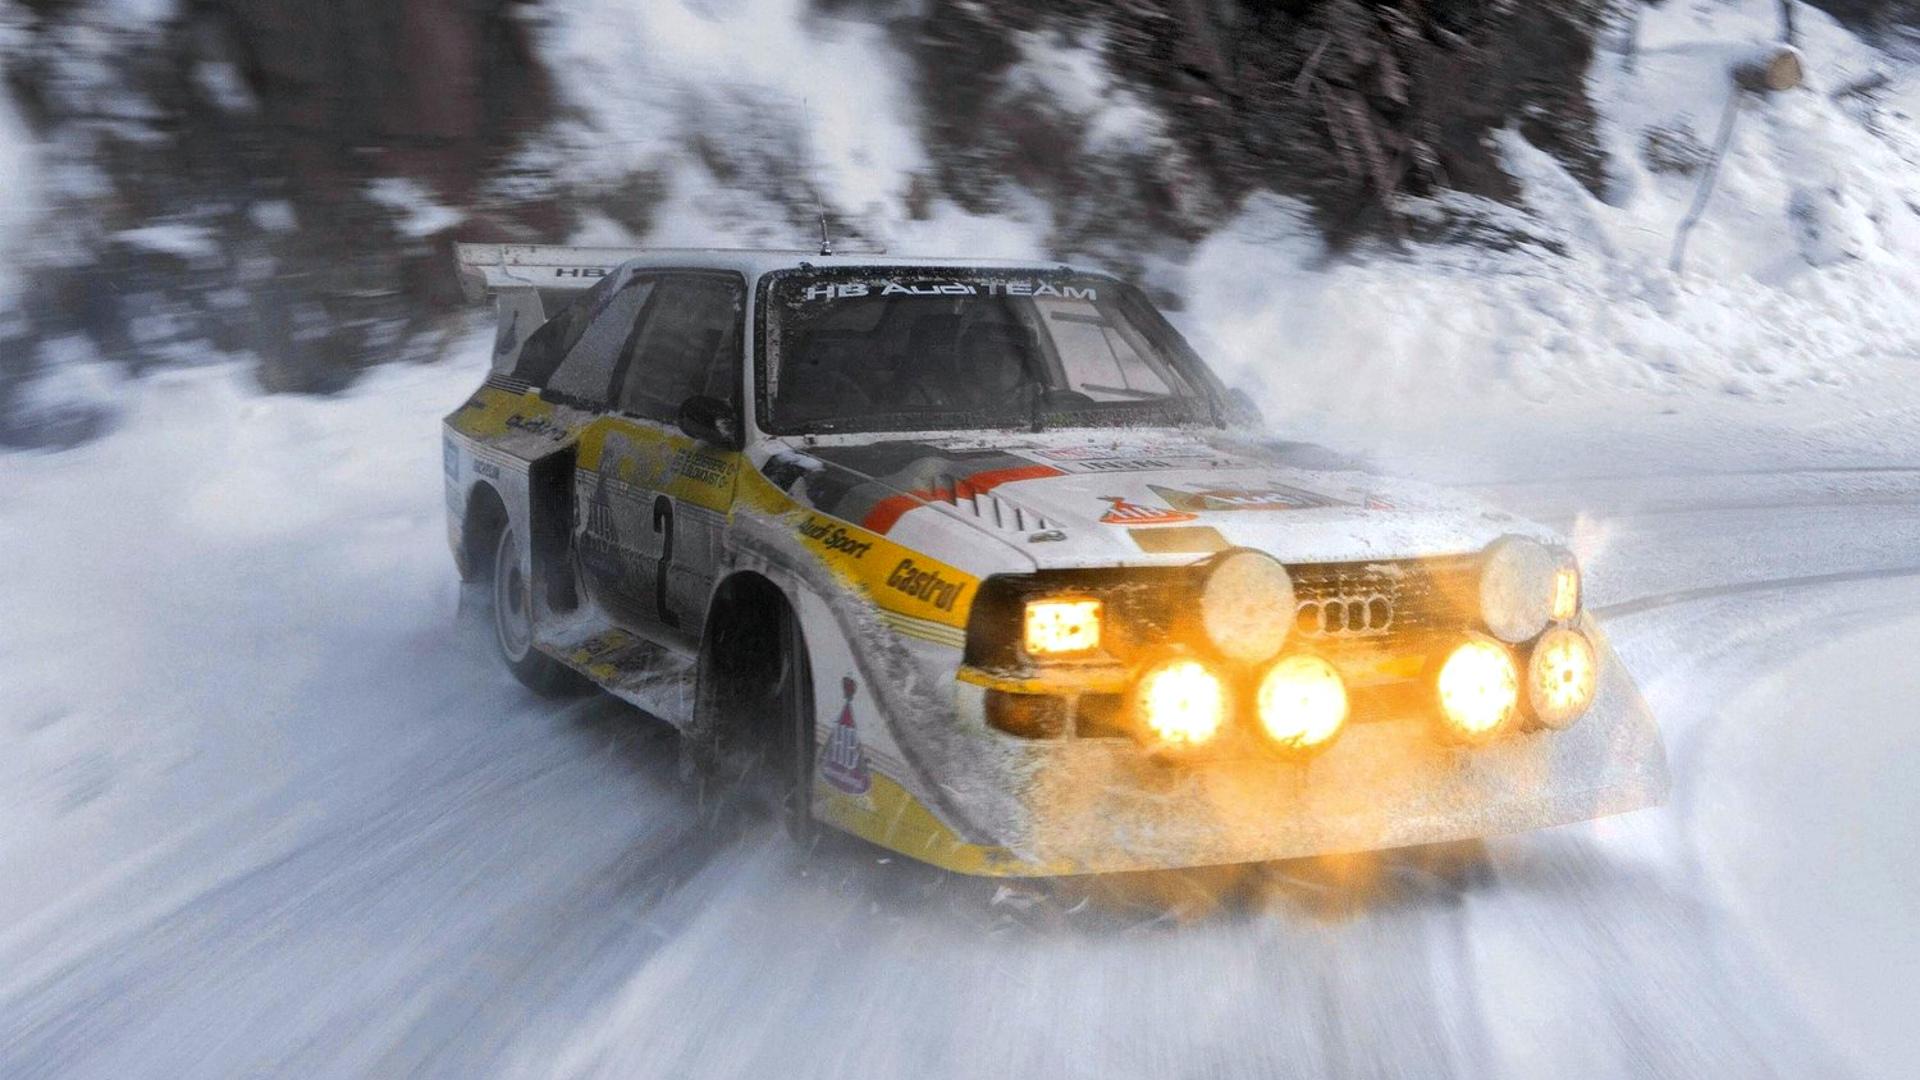 Audi Quattro Rally HD Wallpaper 1920x1080 ID62001 1920x1080